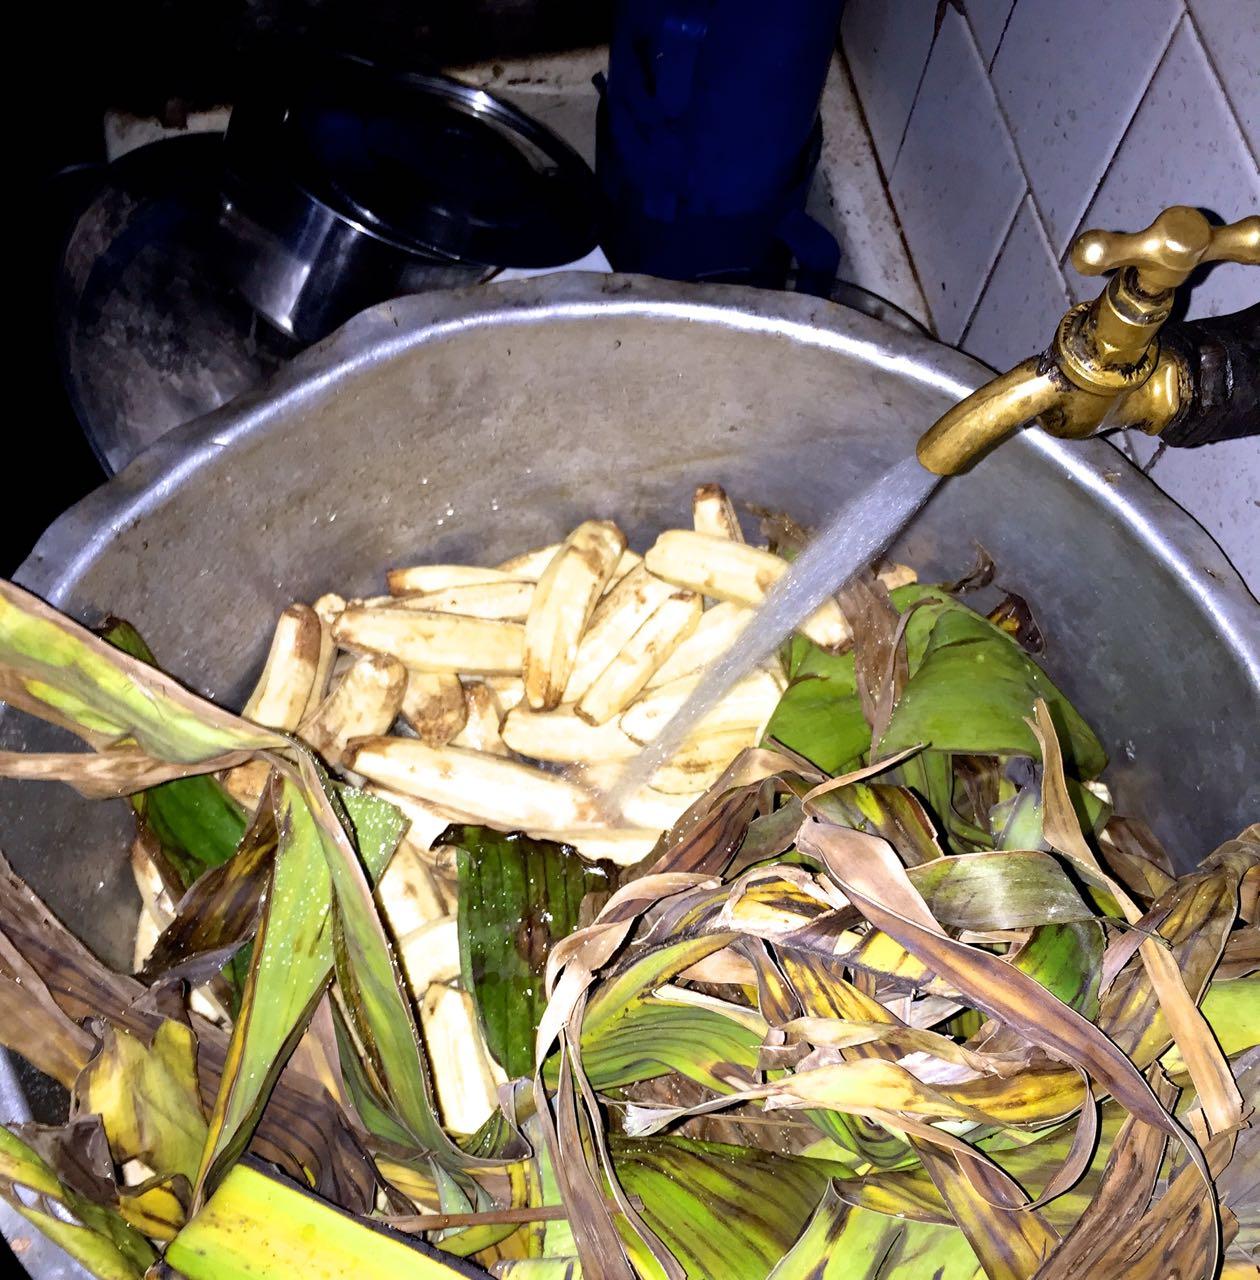 Topf voller Kochbananen für Matooke